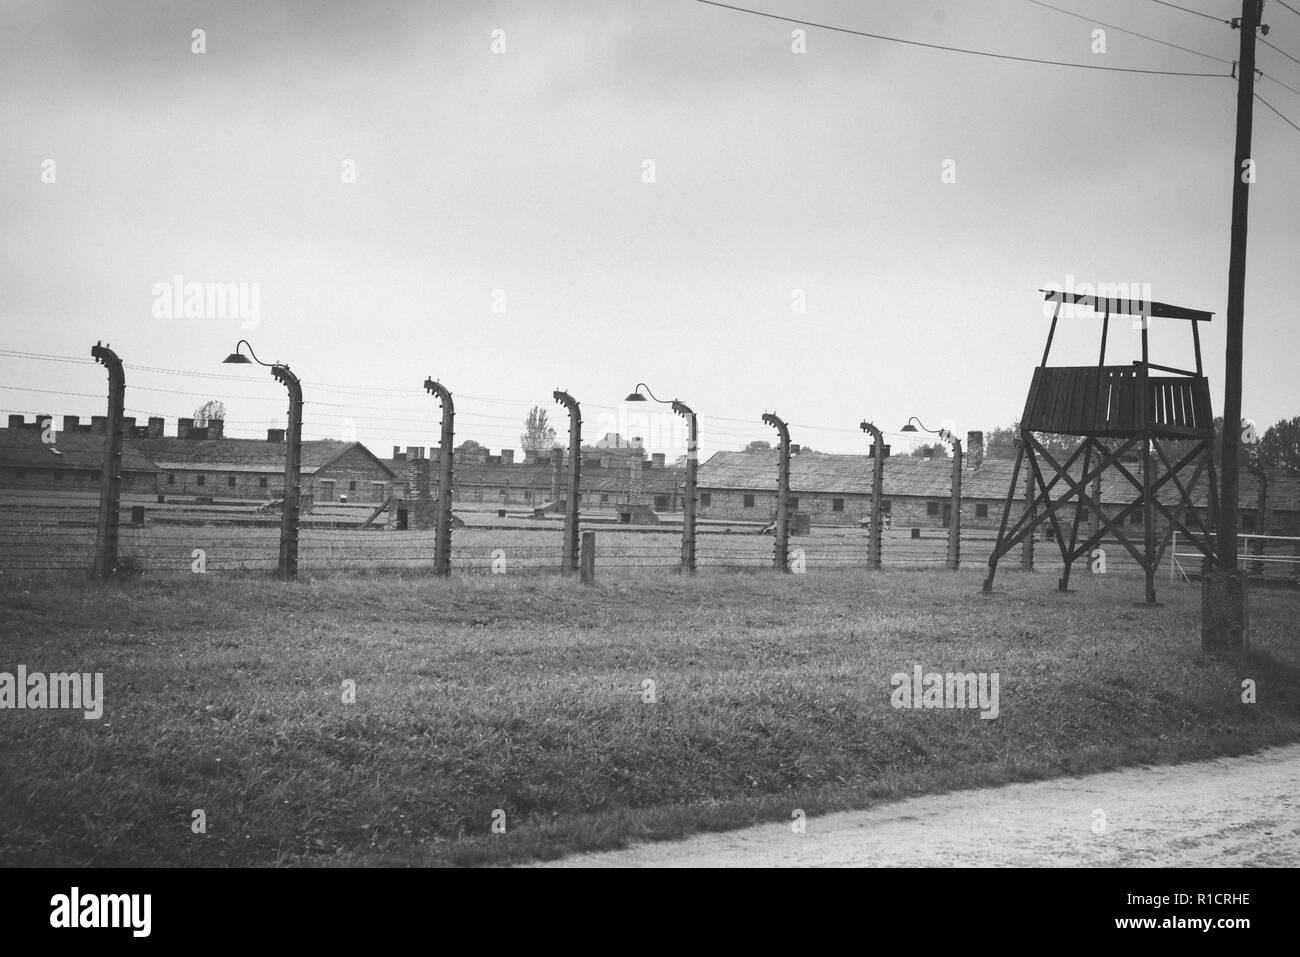 Auschwitz II Birkenau, Nazi Konzentrations- und Vernichtungslager. Wachtturm und Zaun. Auschwitz, deutsch besetzten Polen, Europa Stockbild